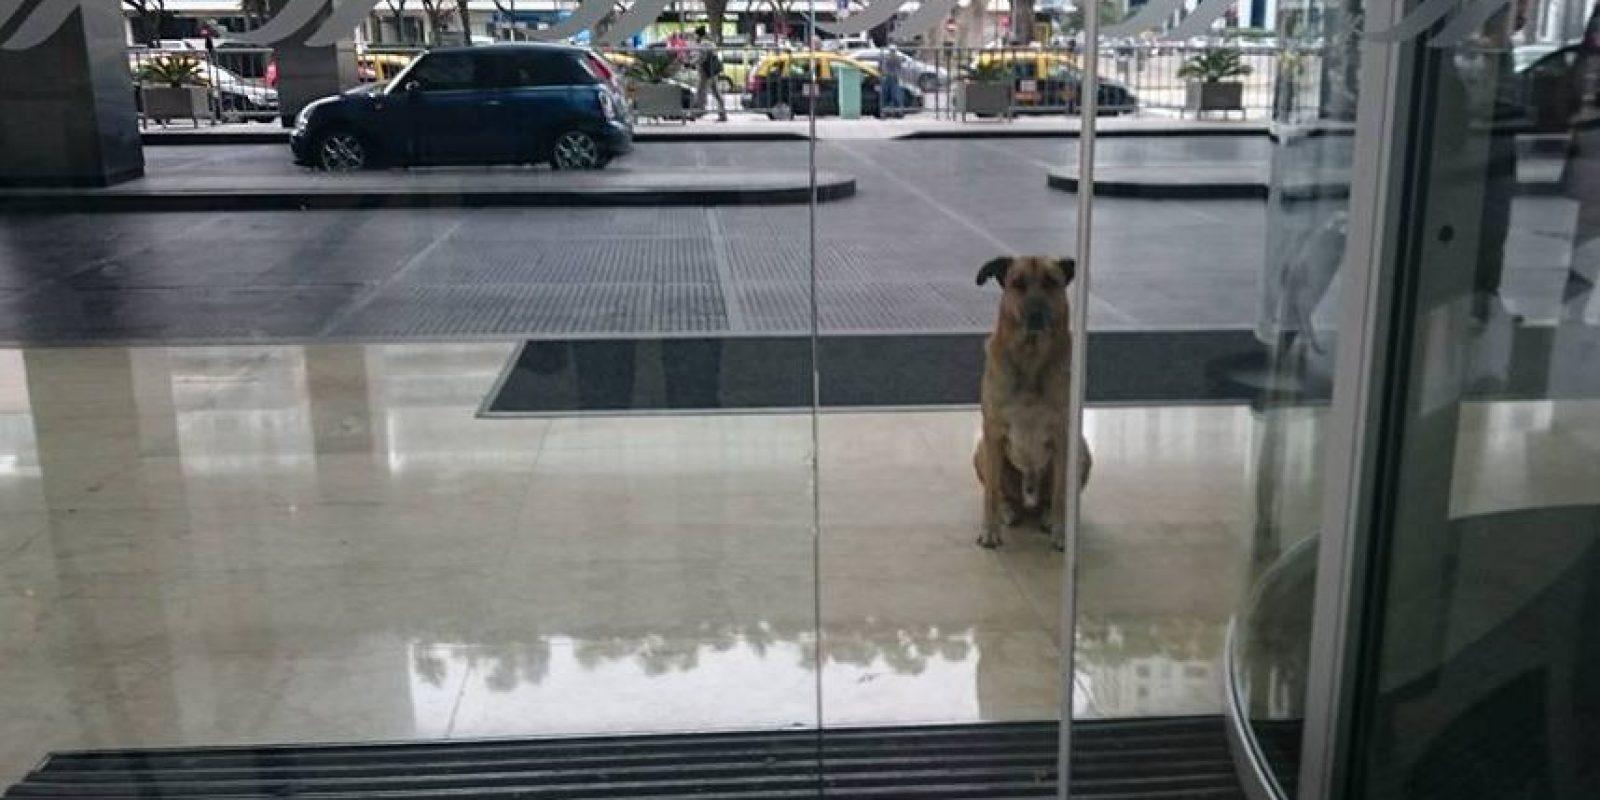 El perro esperaba a la azafata cada día en el hotel Hilton Foto:Facebook: Mascotas Puerto Madero Adopciones Responsables